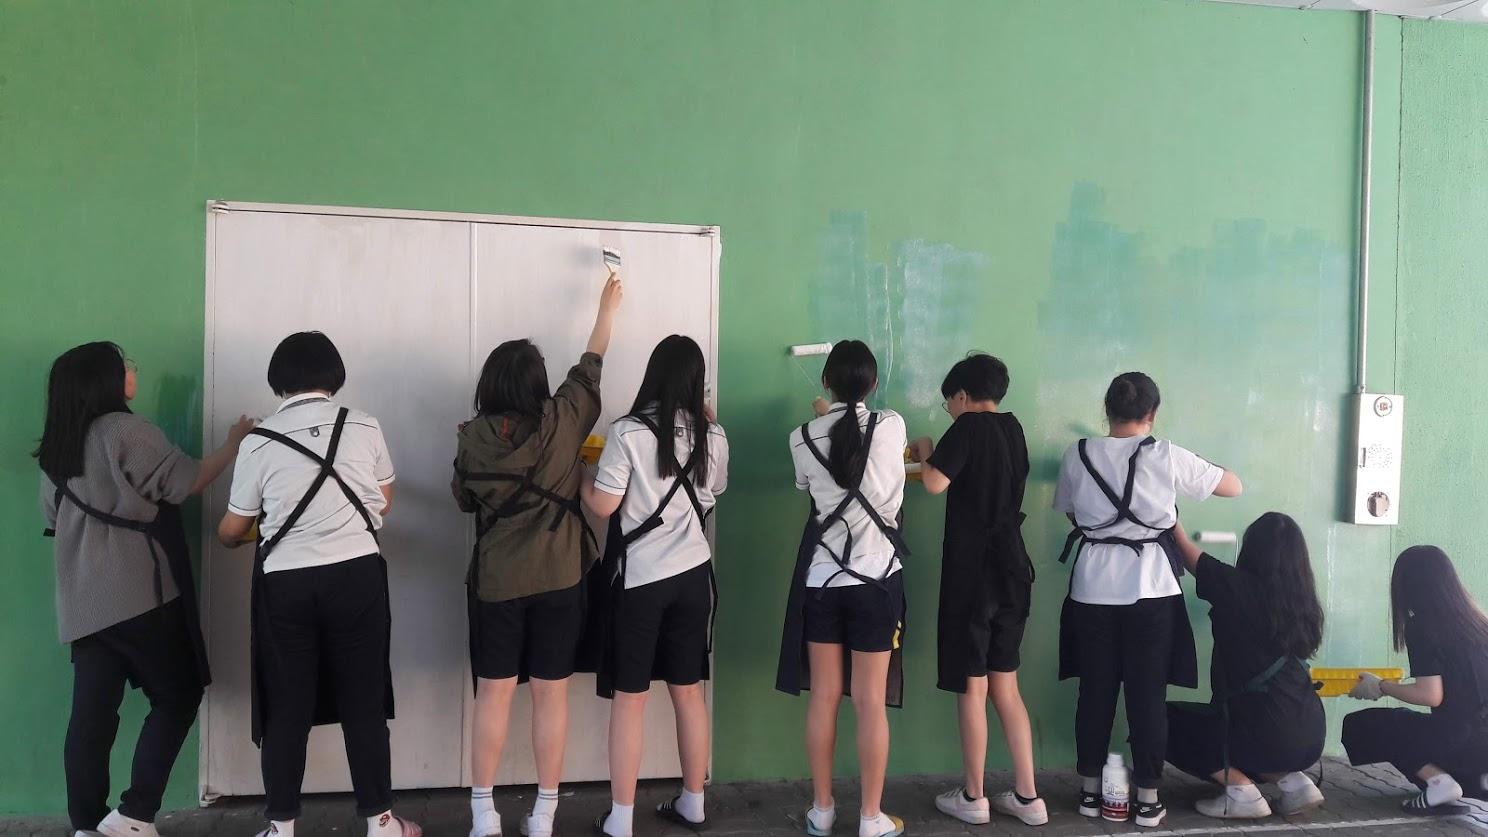 [일반] 스케치북 동아리 활동사진의 첨부이미지 2